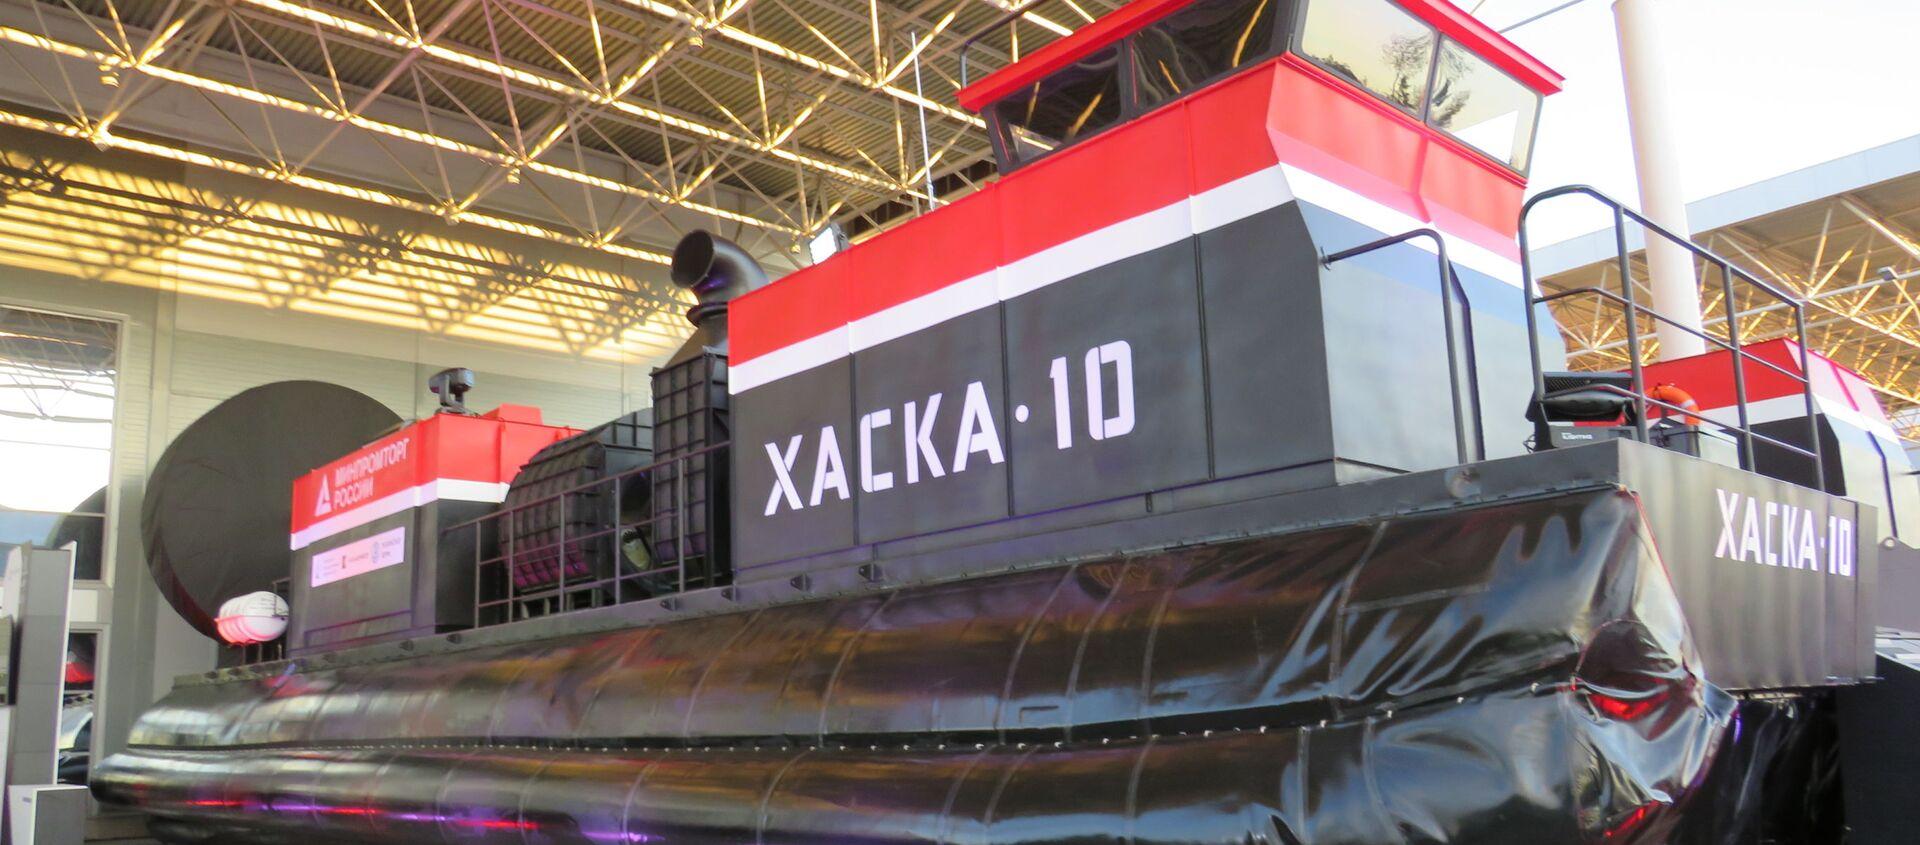 Phương tiện vận tải Haska-10 - Sputnik Việt Nam, 1920, 03.09.2020